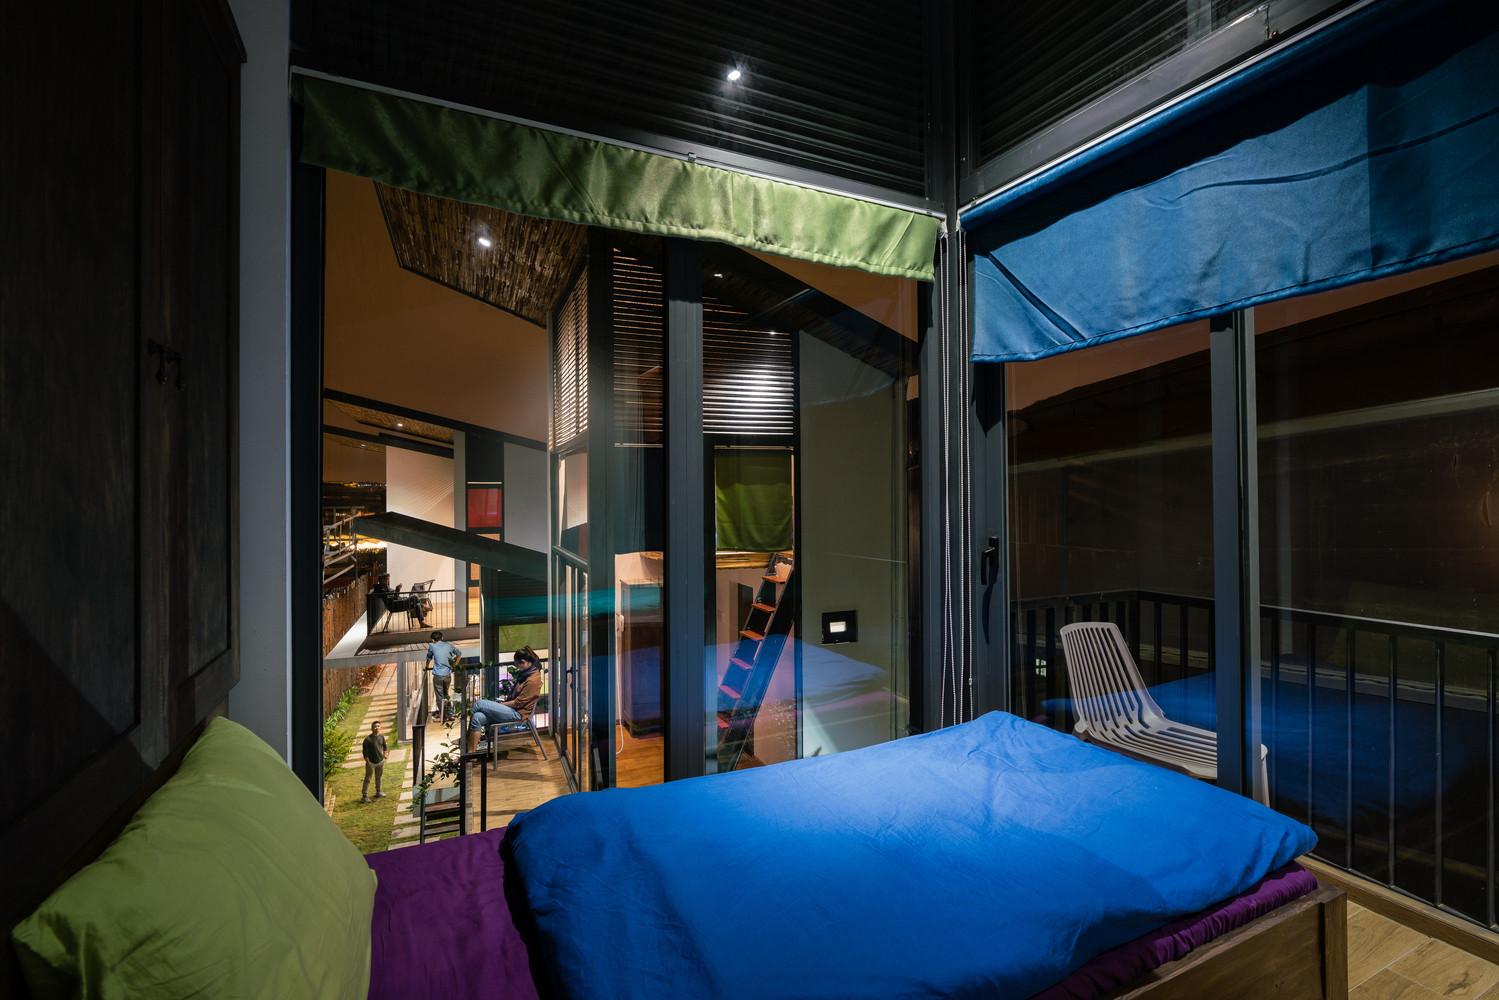 Một phòng trong homestay được thiết kế đơn giản với chăn ga, rèm phủ được tận dụng từ vải tái chế